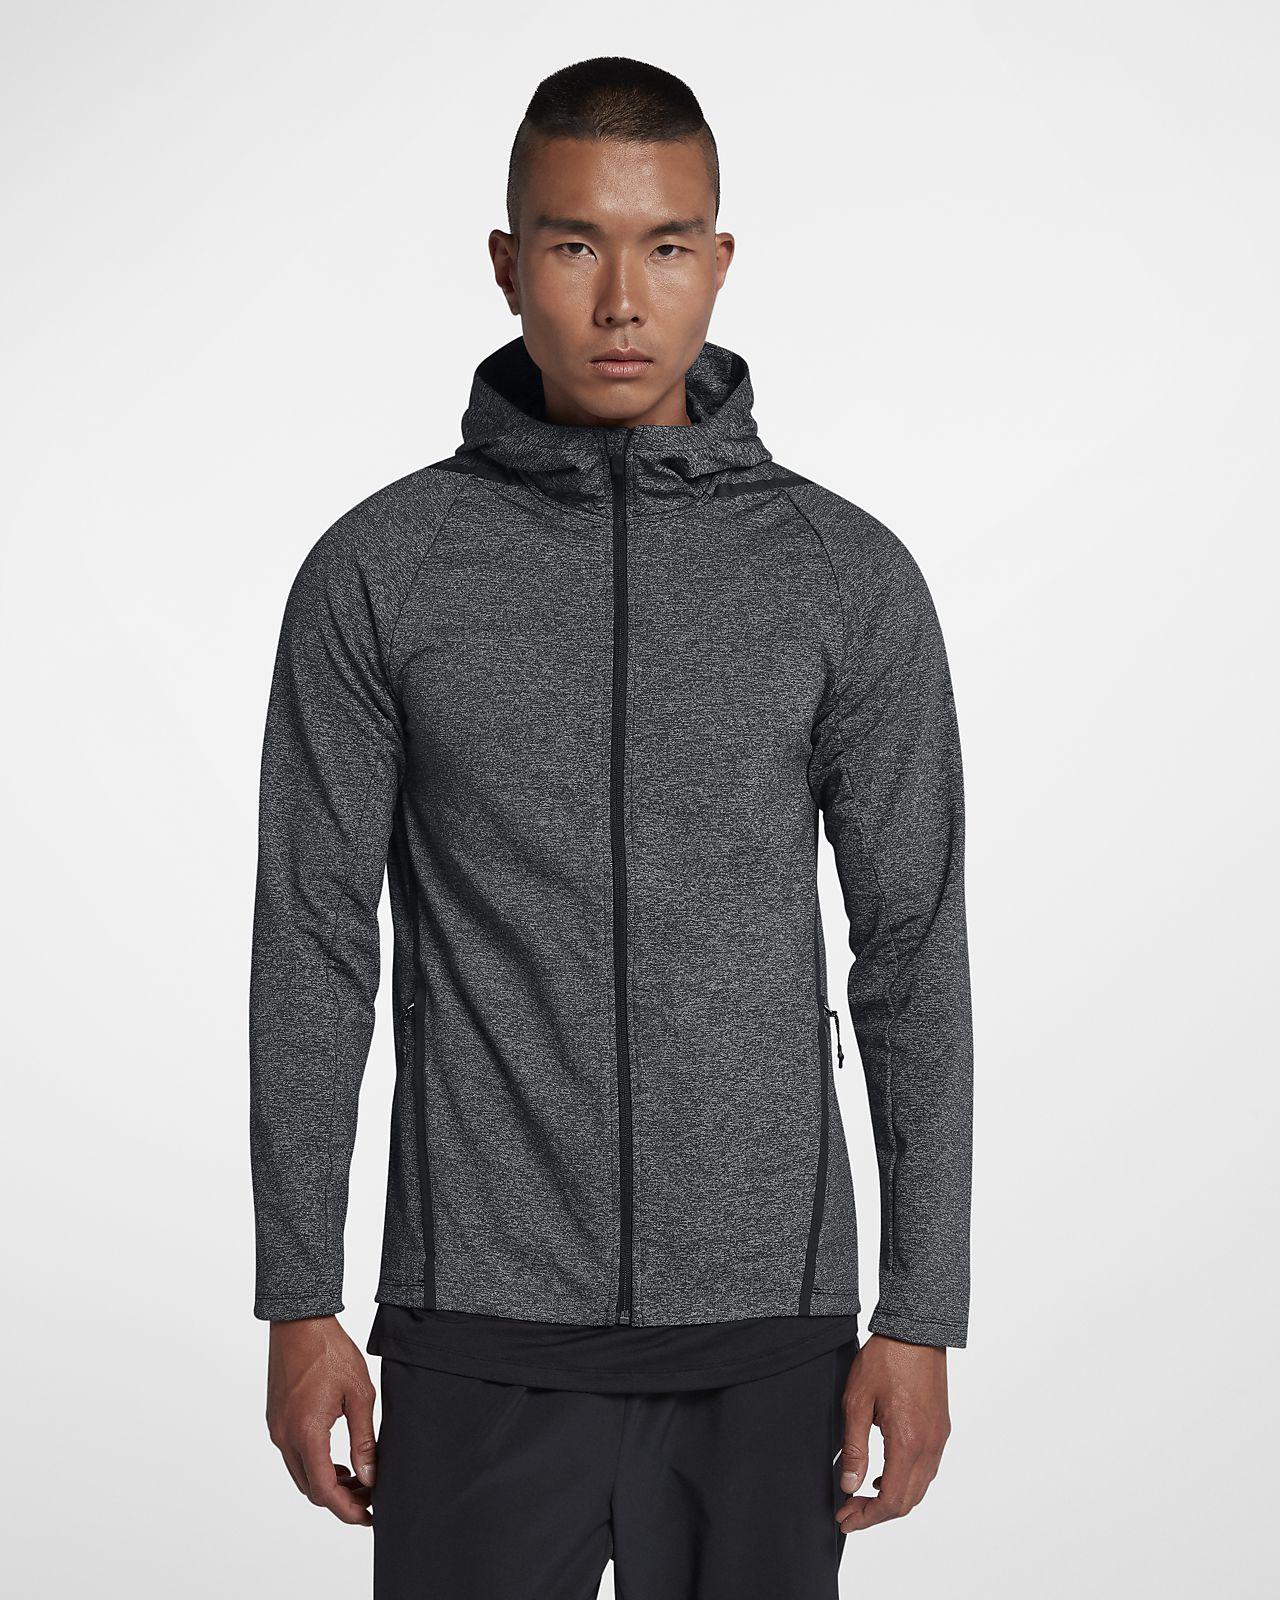 Hoodie de treino de manga comprida com fecho completo Nike Dri FIT para homem